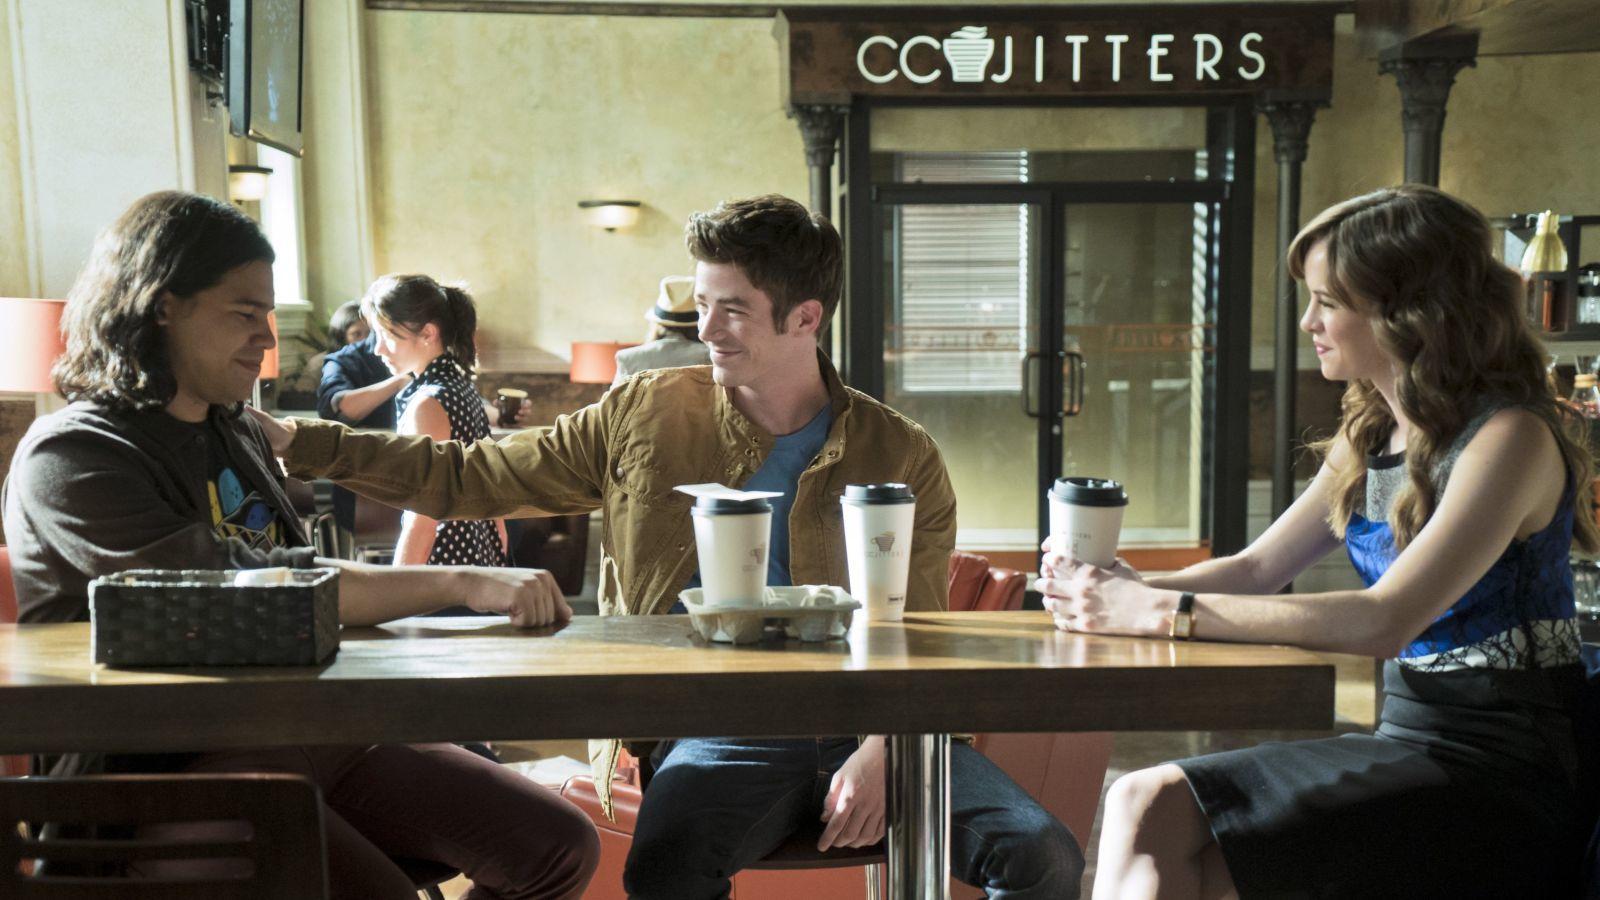 Iris munkahelye, a Jitters szintén szerepel a képregényben. (The CW)